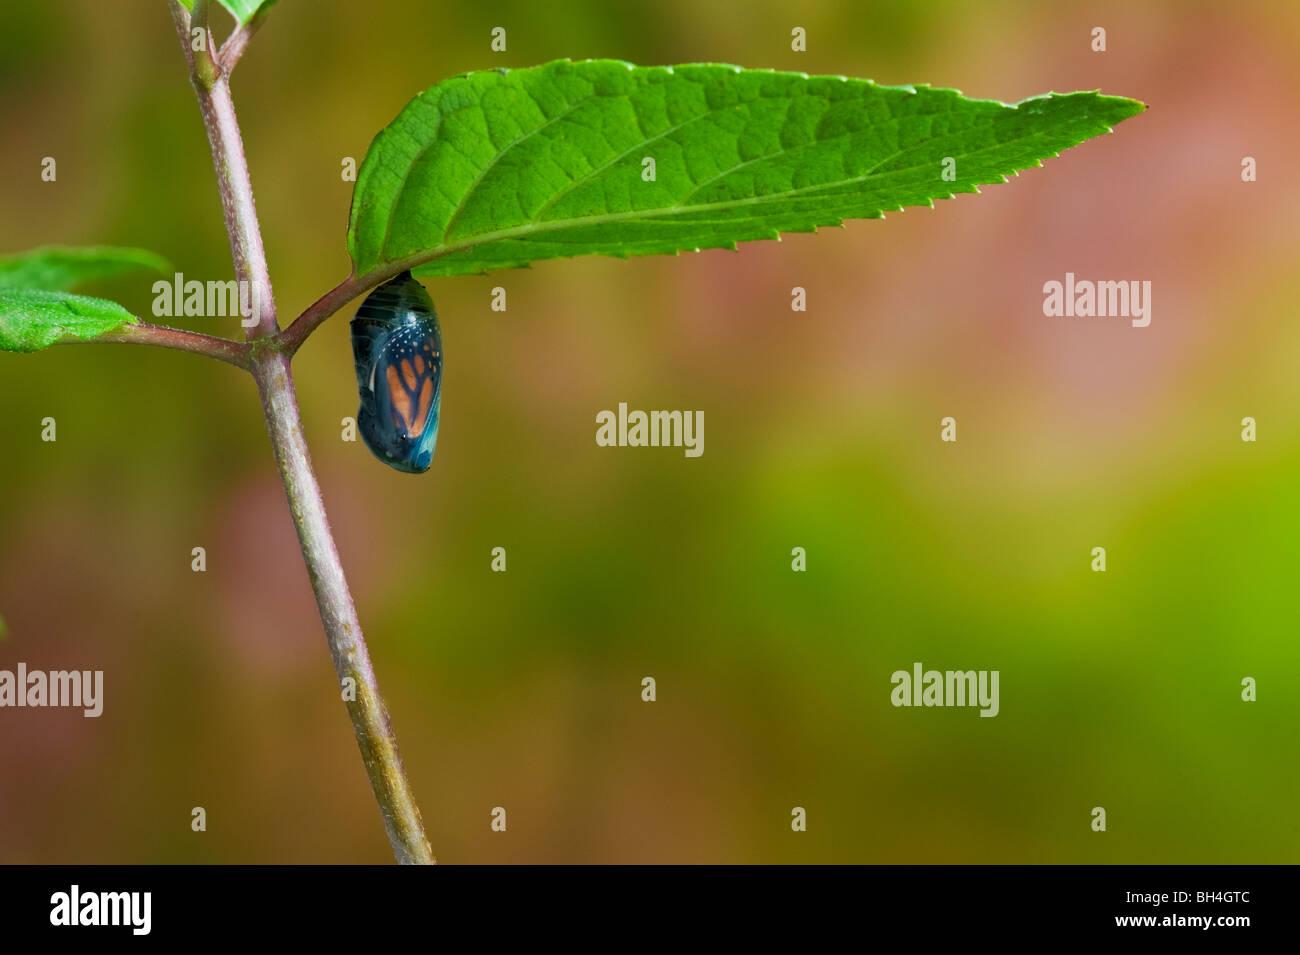 Monarch-Schmetterling Chrysalis, transparent, Ende des Puppenstadium, ausgewachsenen Schmetterling auftauchen, Nova Stockbild